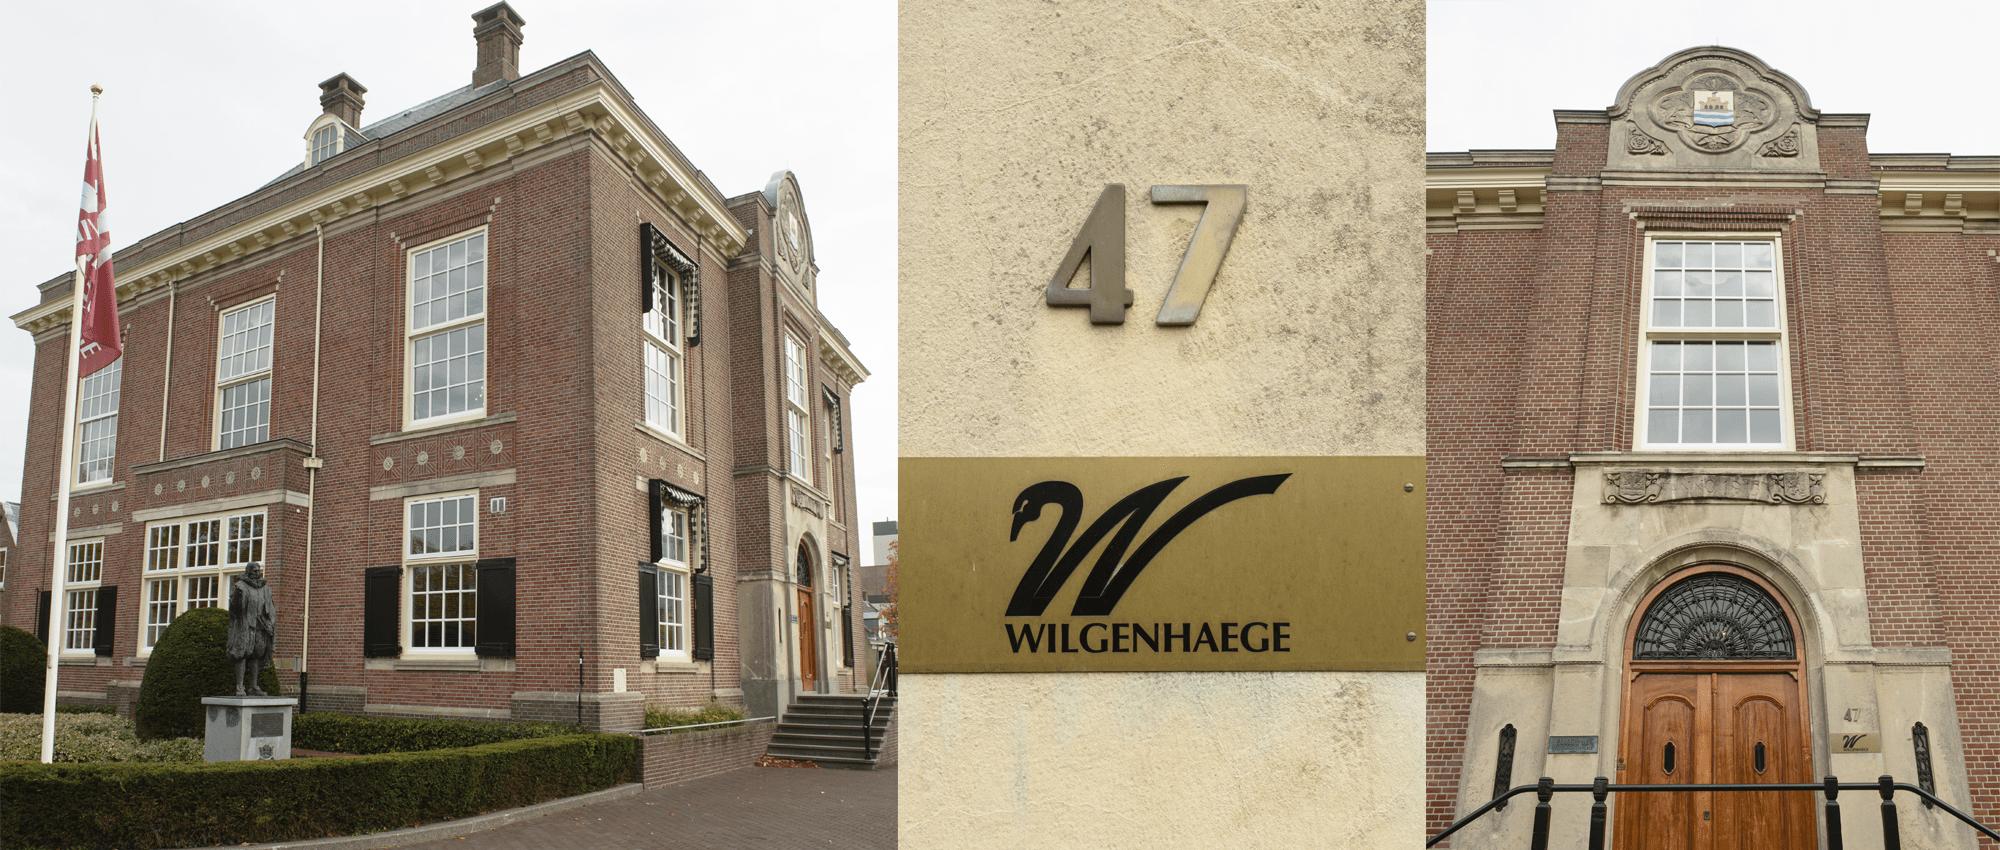 Wilgenhaege